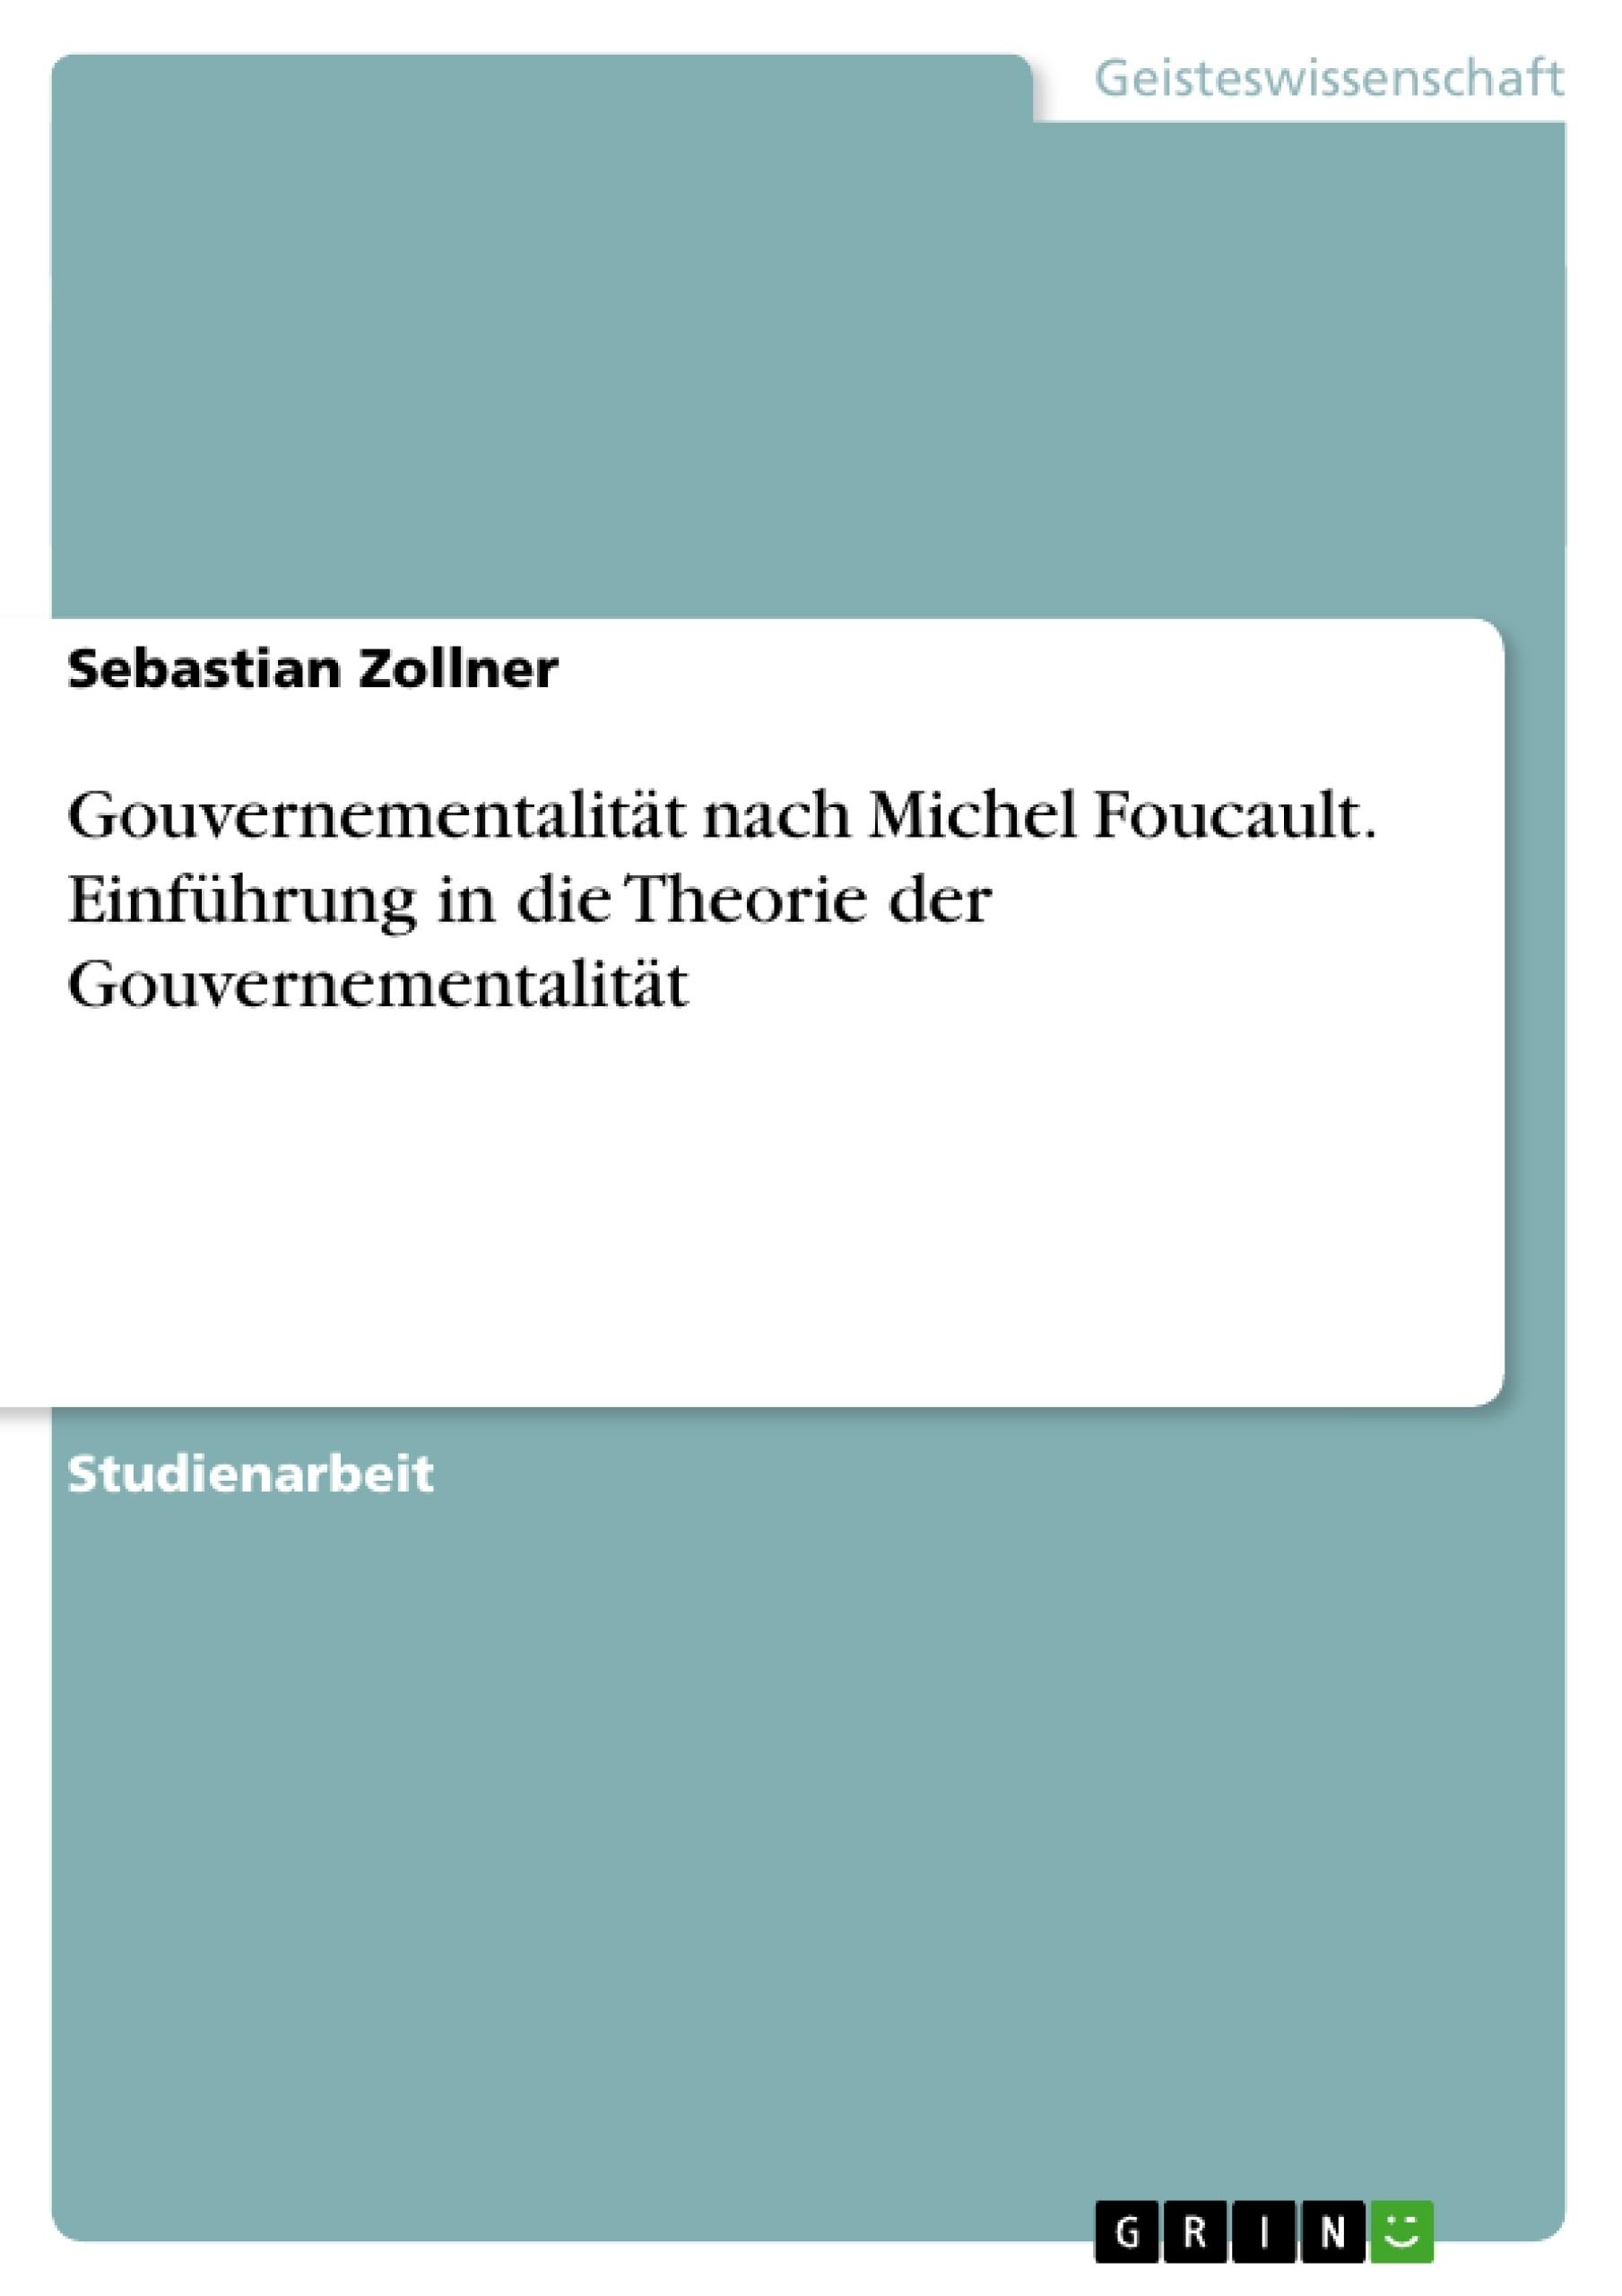 Titel: Gouvernementalität nach Michel Foucault. Einführung in die Theorie der Gouvernementalität